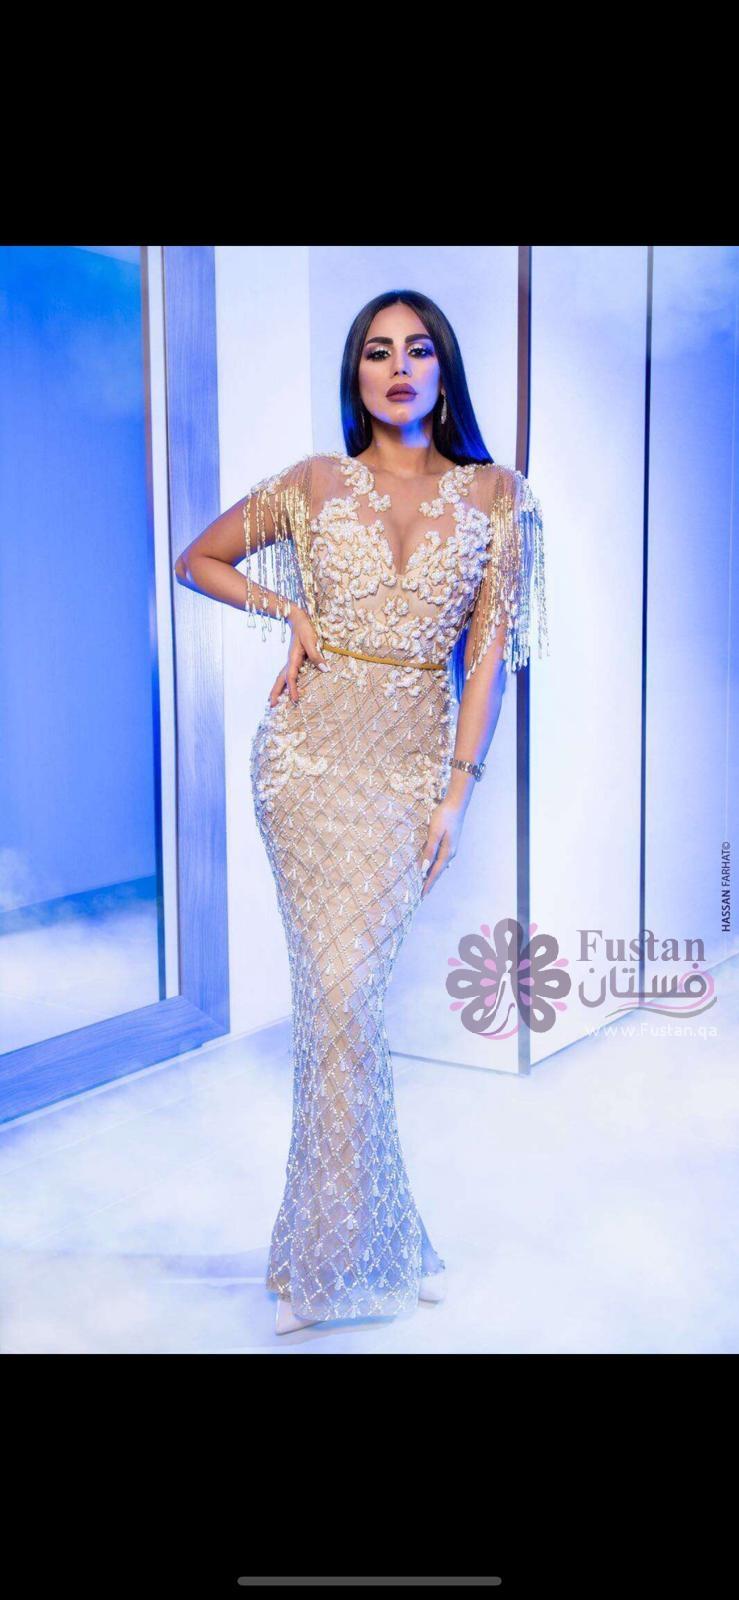 فستان سهرة كلاسيكي- تصميم طاهر باقر